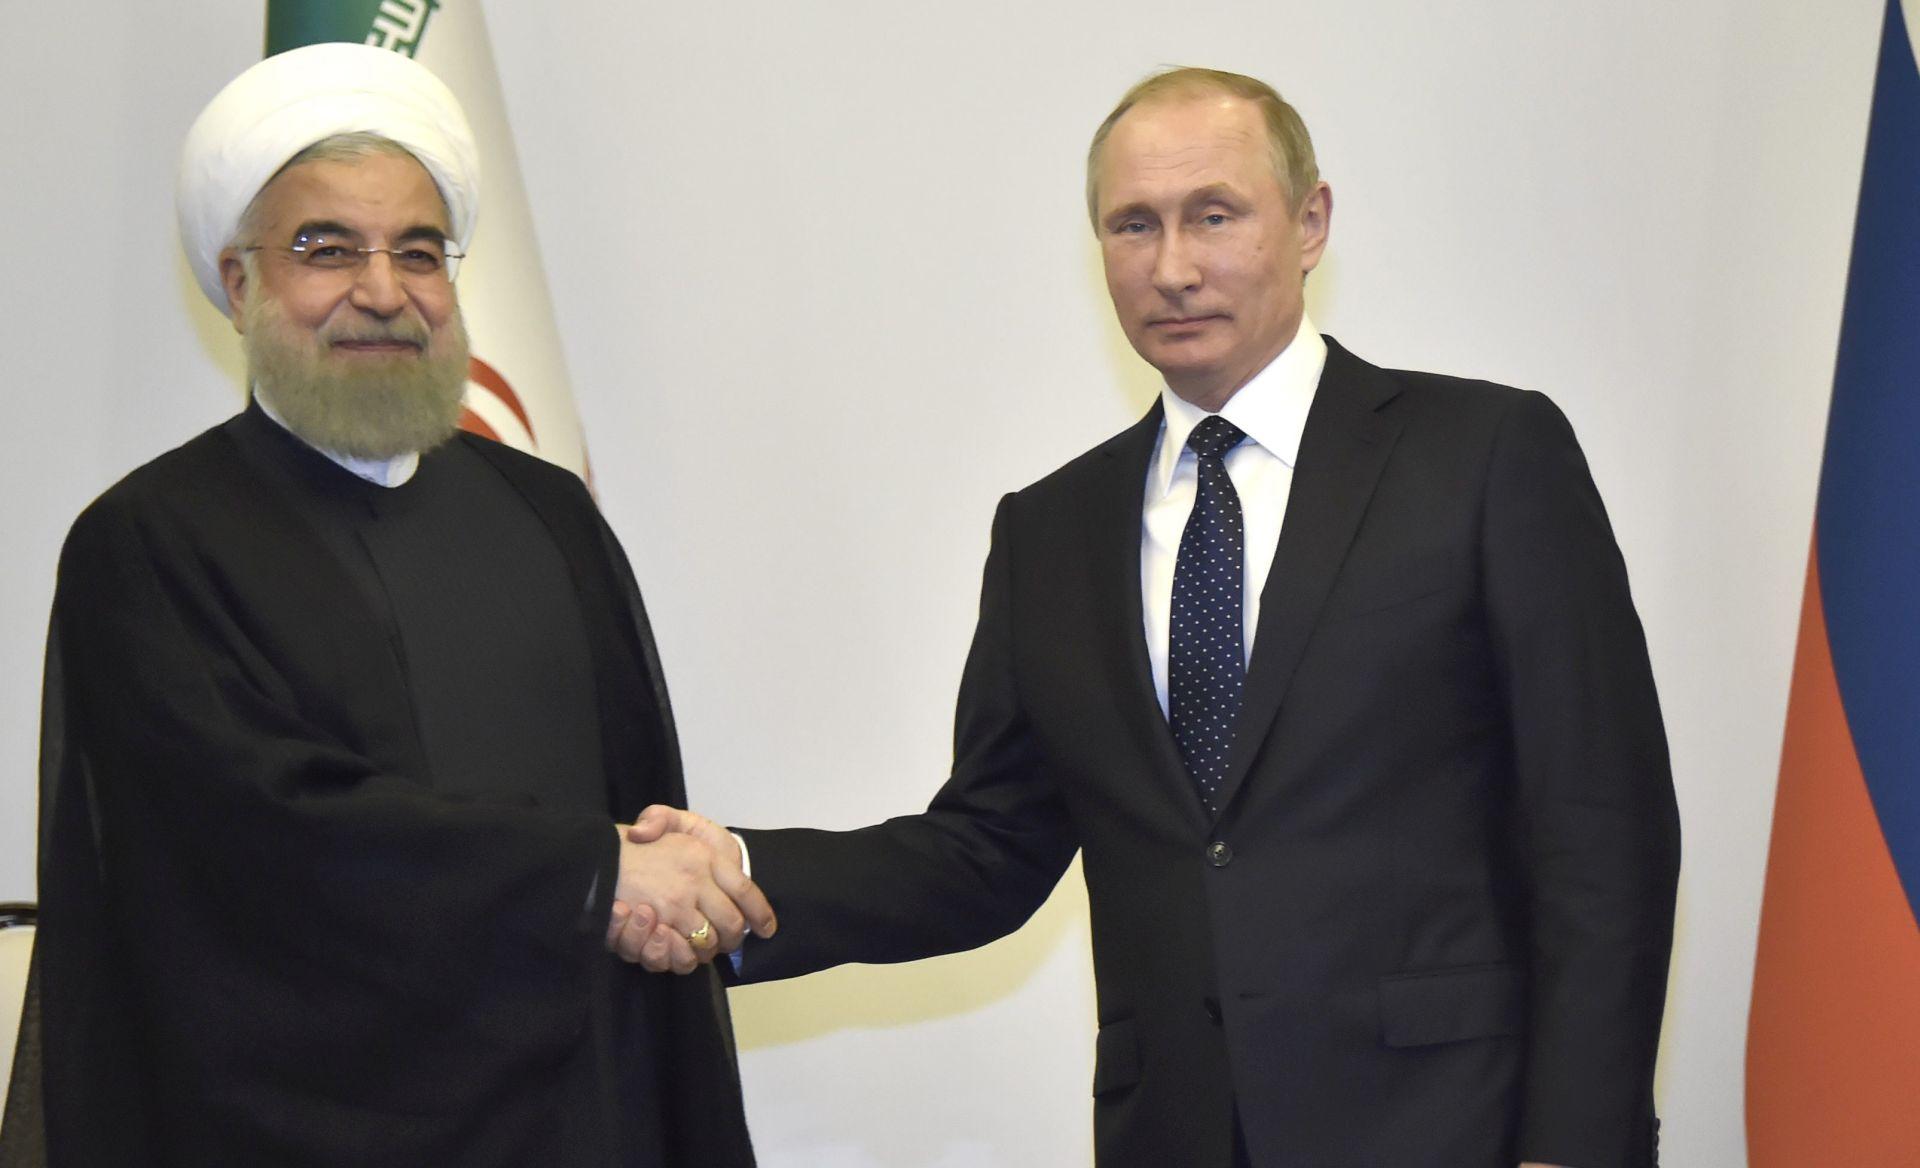 KREMLJ Putin i Rouhani dogovorili tijesnu suradnju radi okončanja krize u Siriji